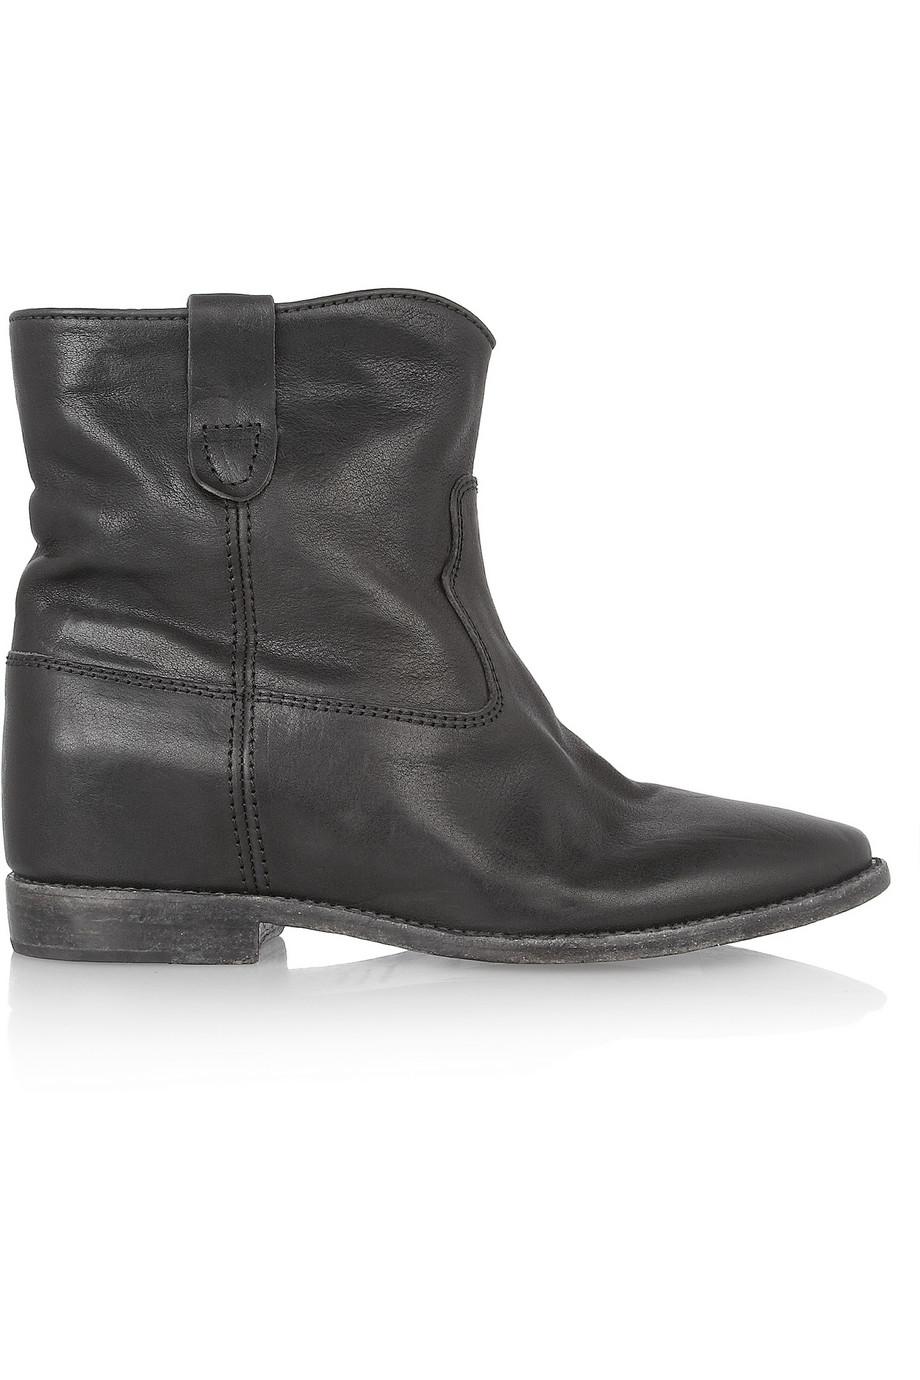 ISABEL MARANT Cluster leather concealed wedge biker boots, $845,  net-a-porter.com